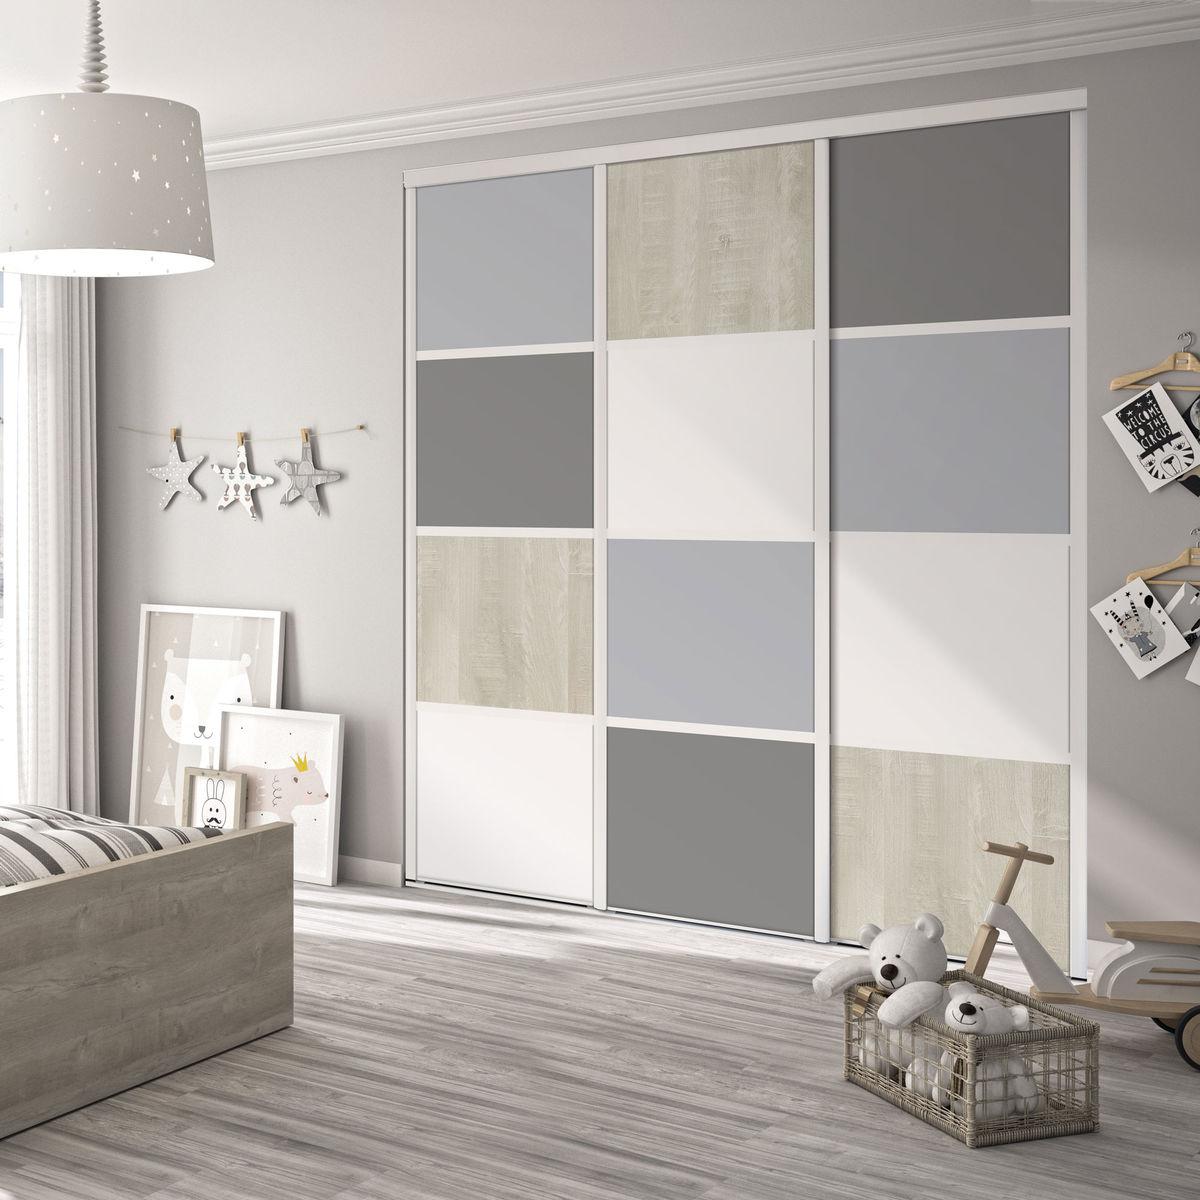 Patine Effet Bois Flotté camille 12 façade de placard coulissante 3 portes décor gris galet, décor  gris intense, décor bois flotté crème, décor blanc mat